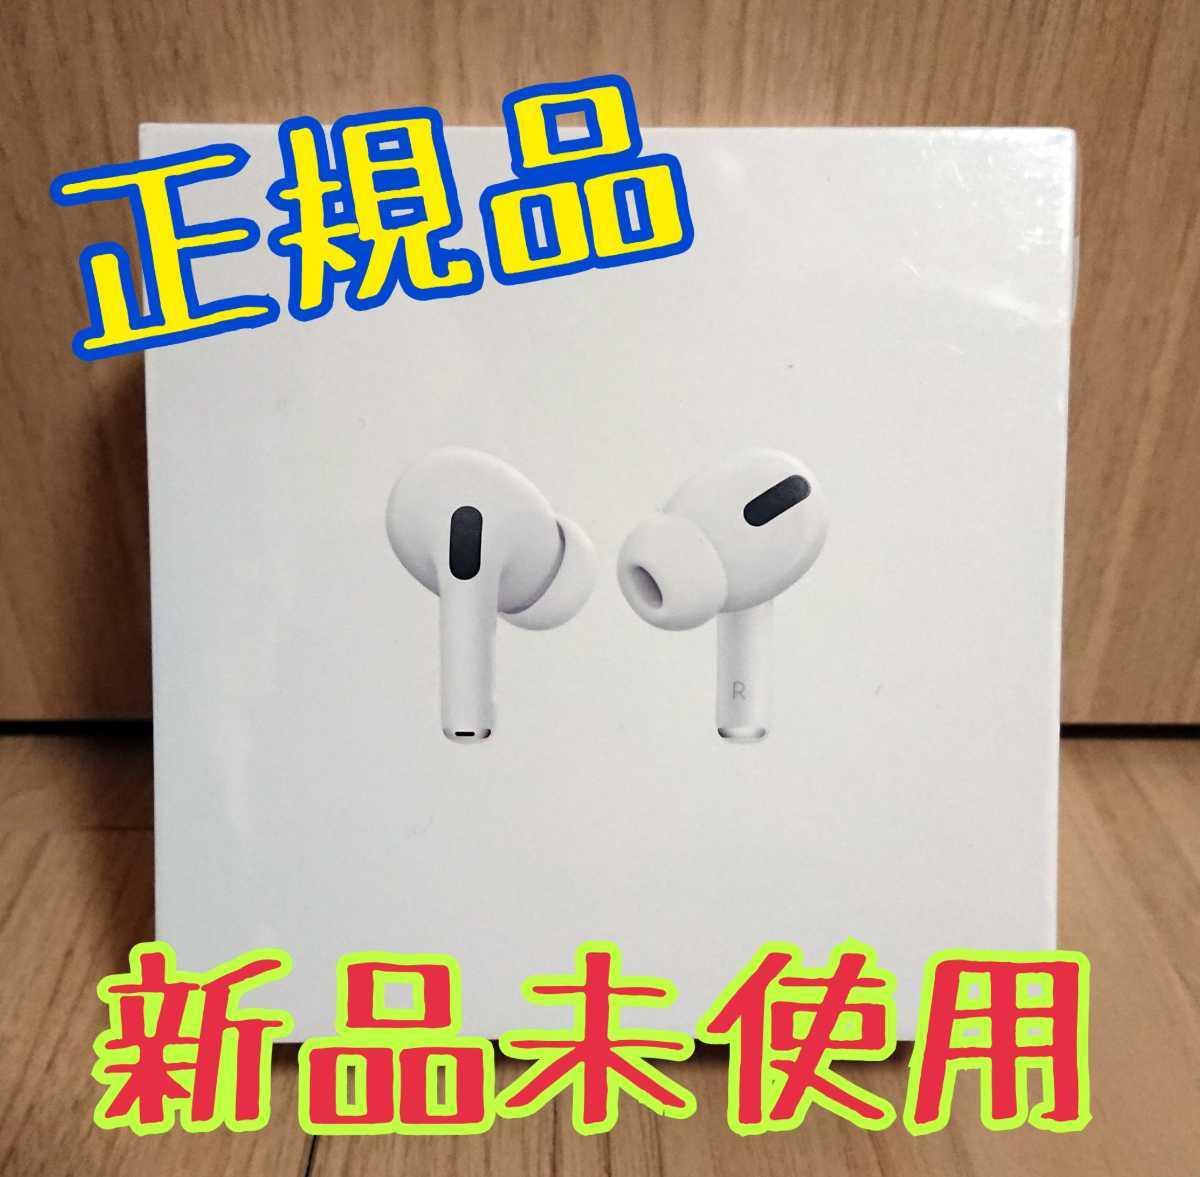 【送料無料】 アップル Apple AirPods Pro (エアーポッズプロ) ワイヤレスヘッドフォン MWP22J/A 【新品未開封】_画像1